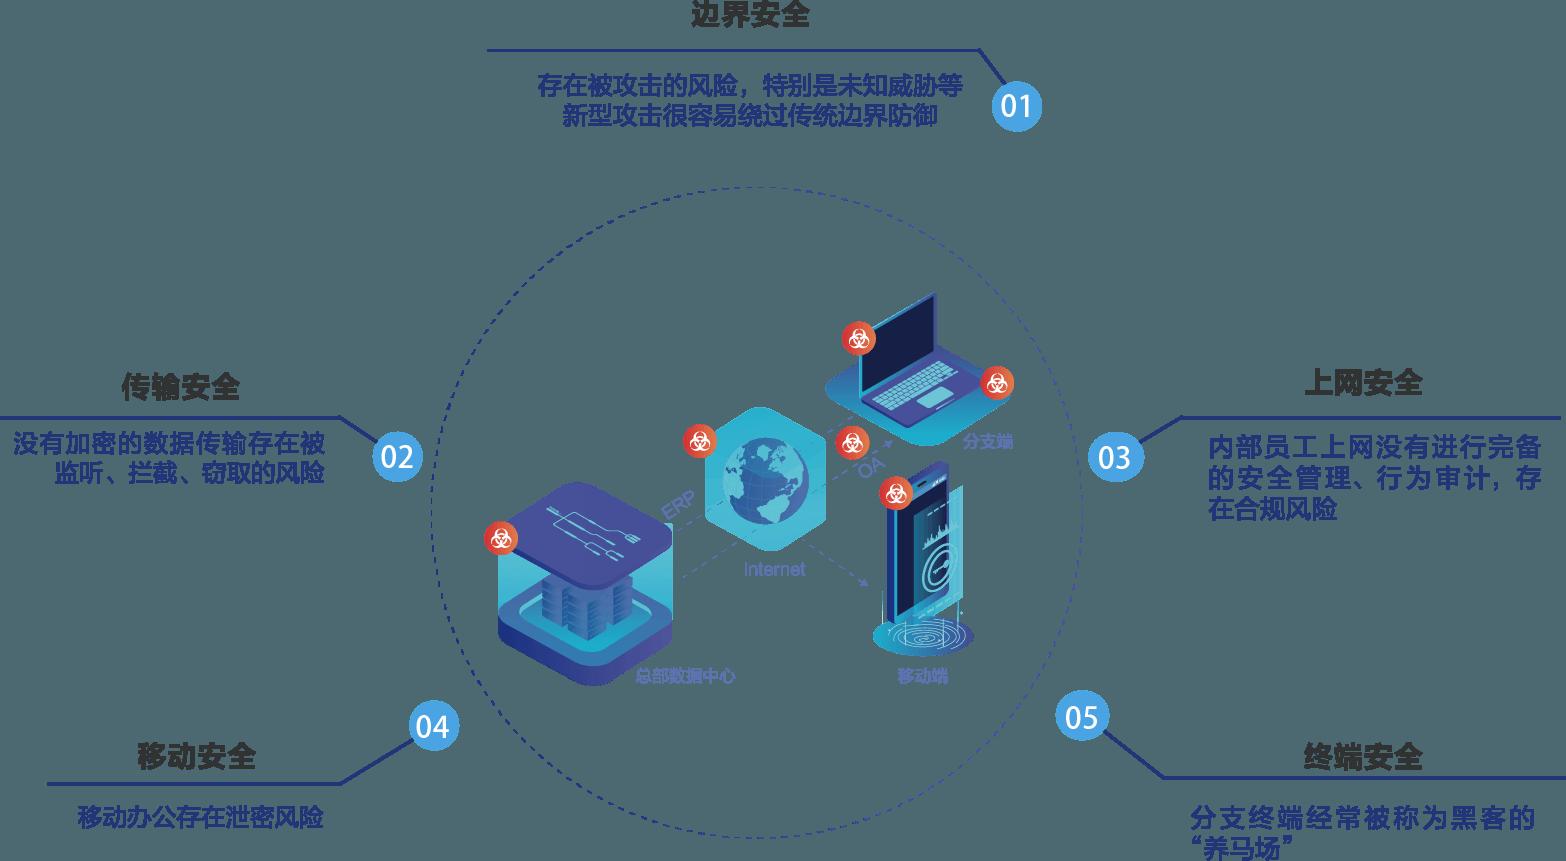 廣域網安全體系建設